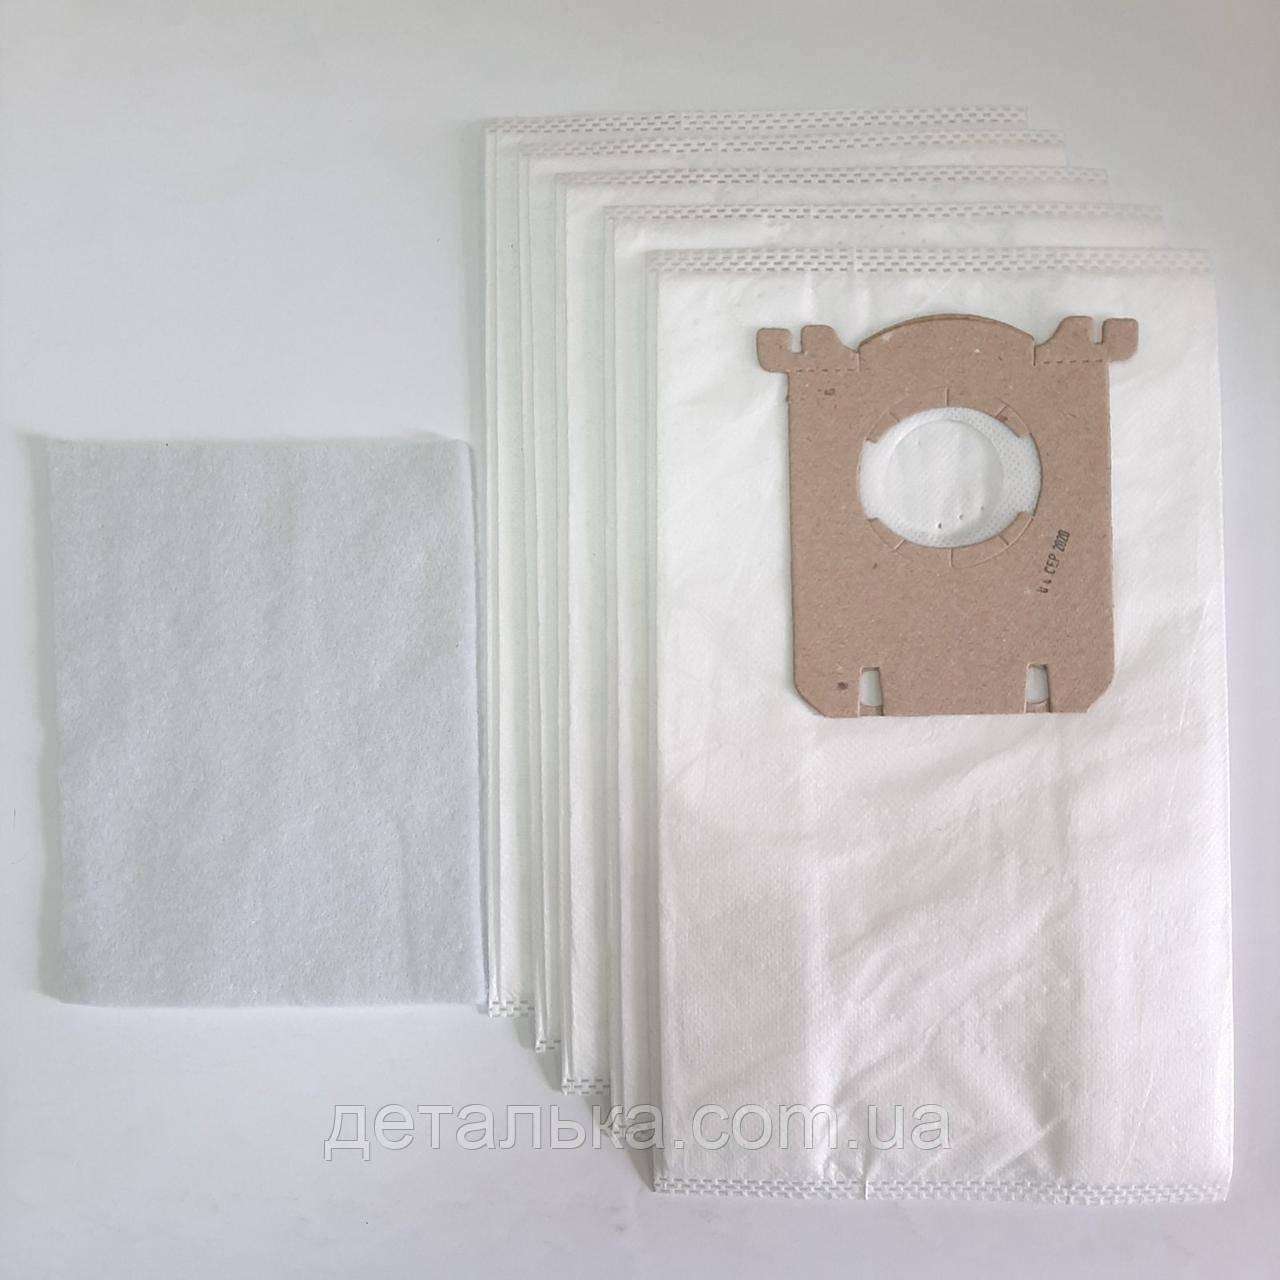 Одноразовые мешки s-bag для пылесоса Philips